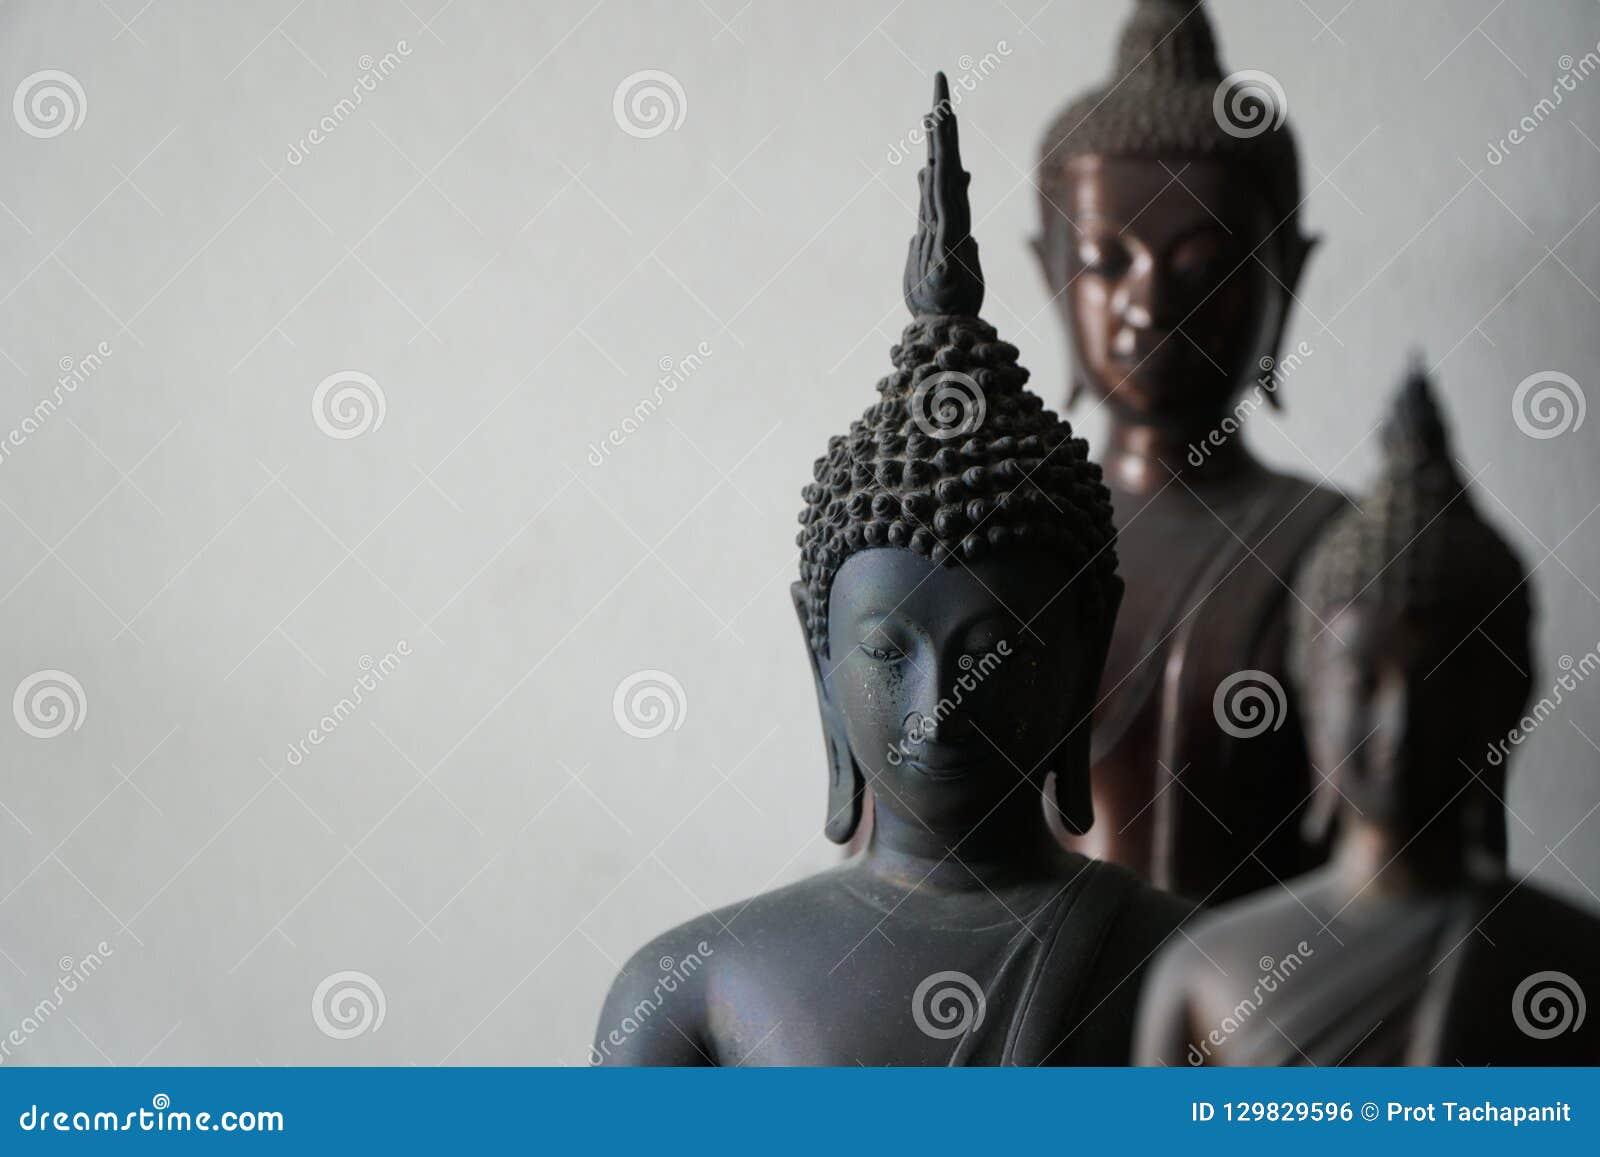 Selecione o foco da estátua antiga dos buddhas do preto do vintage no meio da outra estátua dos buddhas